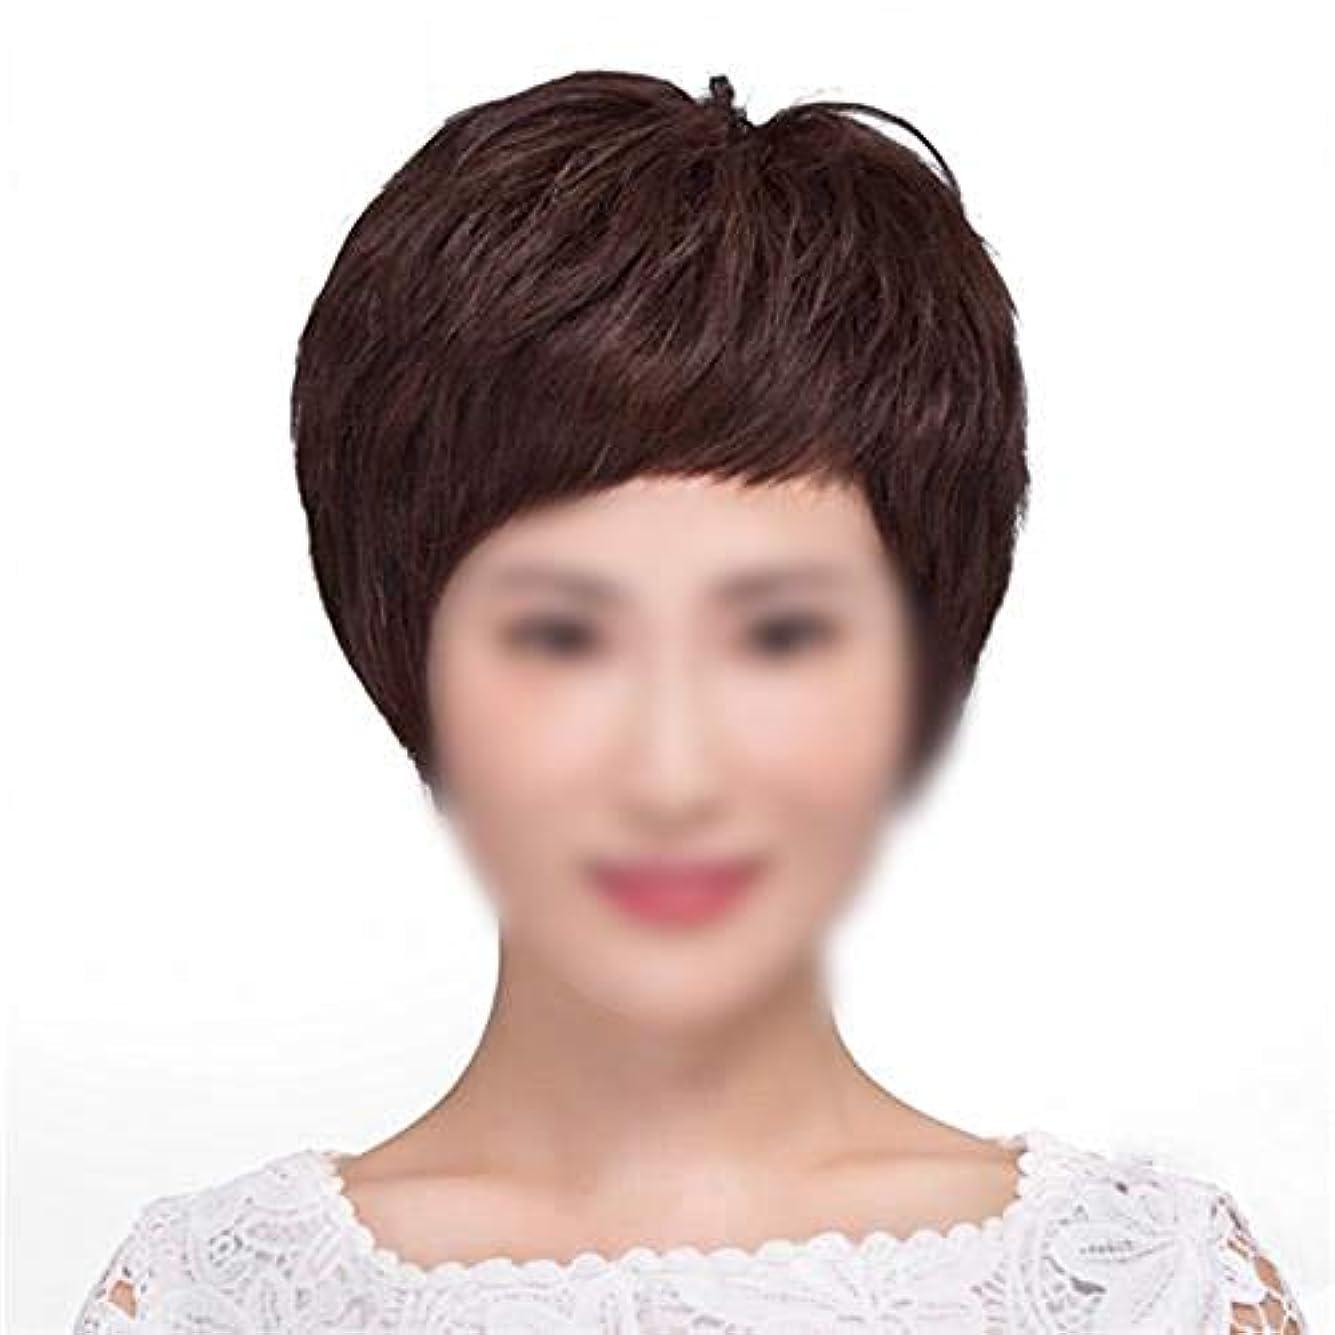 ゲートウェイ遺体安置所メキシコYOUQIU 女性のパーティードレス毎日ウィッグ用ハンドニードルレアル髪ショートストレート髪ふわふわナチュラルウィッグ (色 : Natural black)